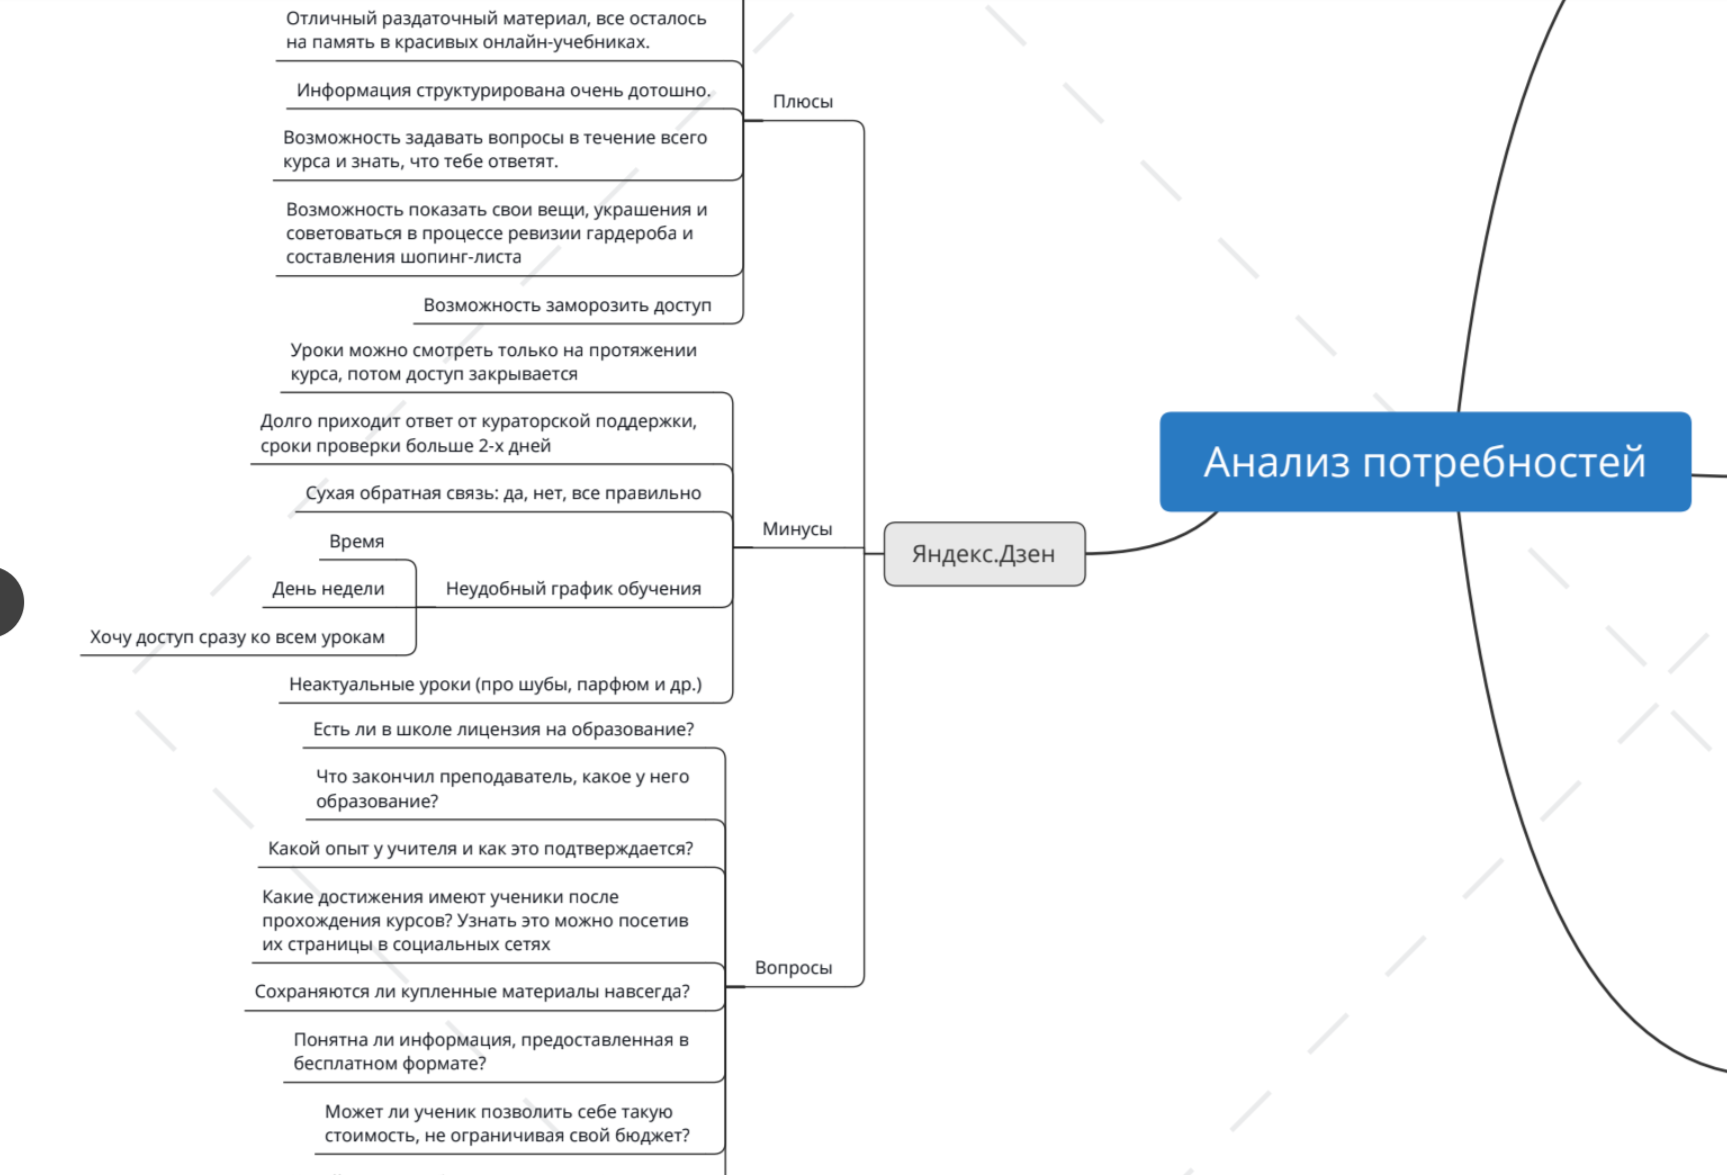 """Данные из файла """"Анализ потребностей"""", собранные из Яндекс.Дзен"""